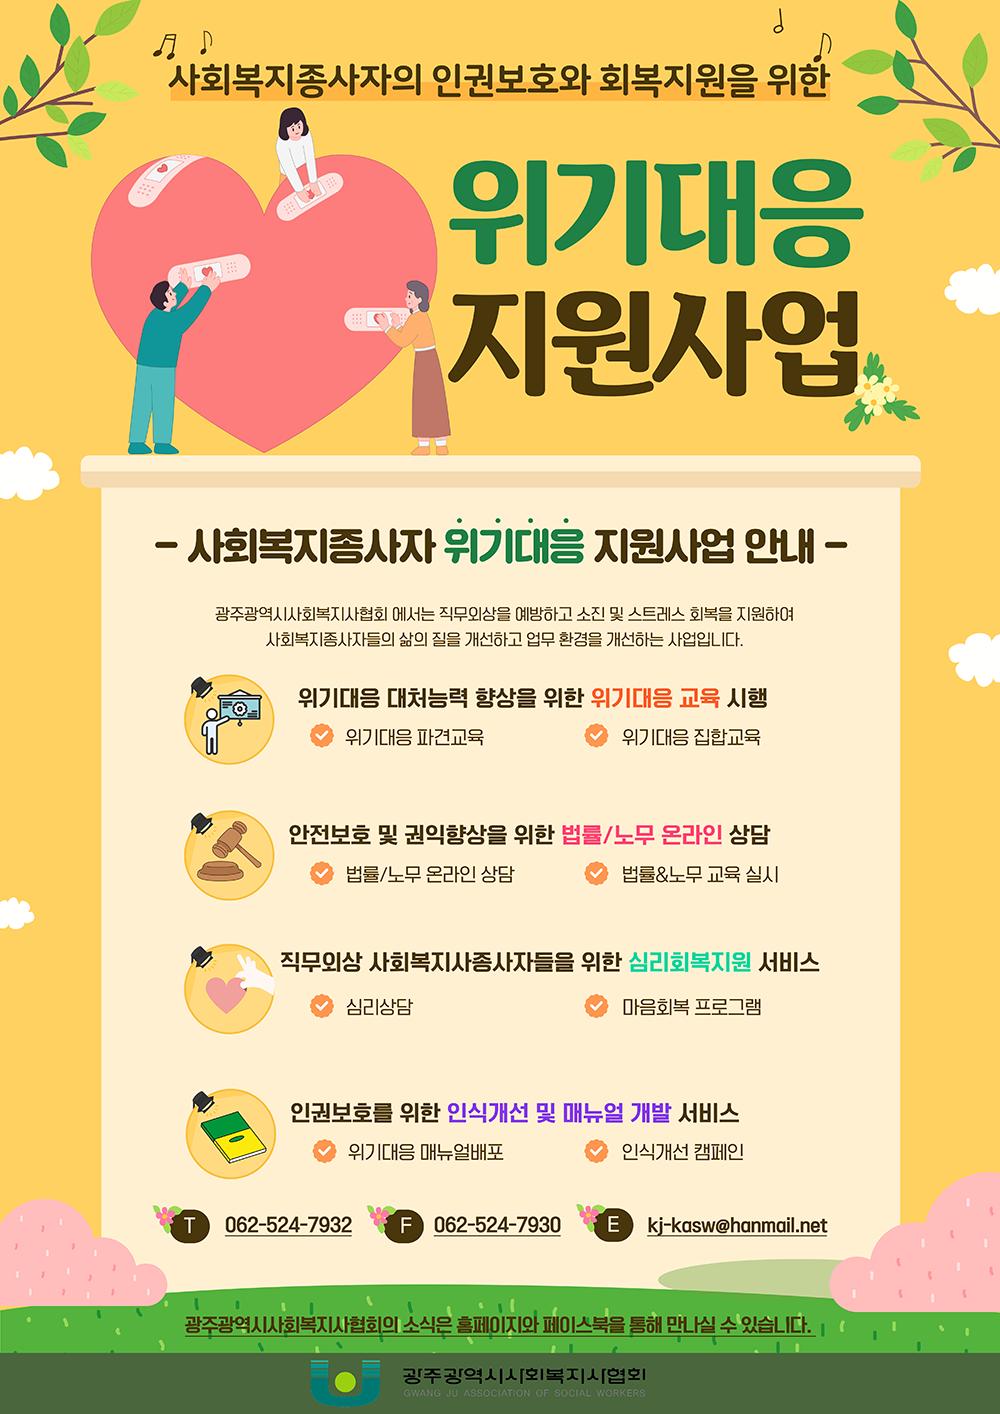 위기대응 역량강화사업 사업소개 포스터